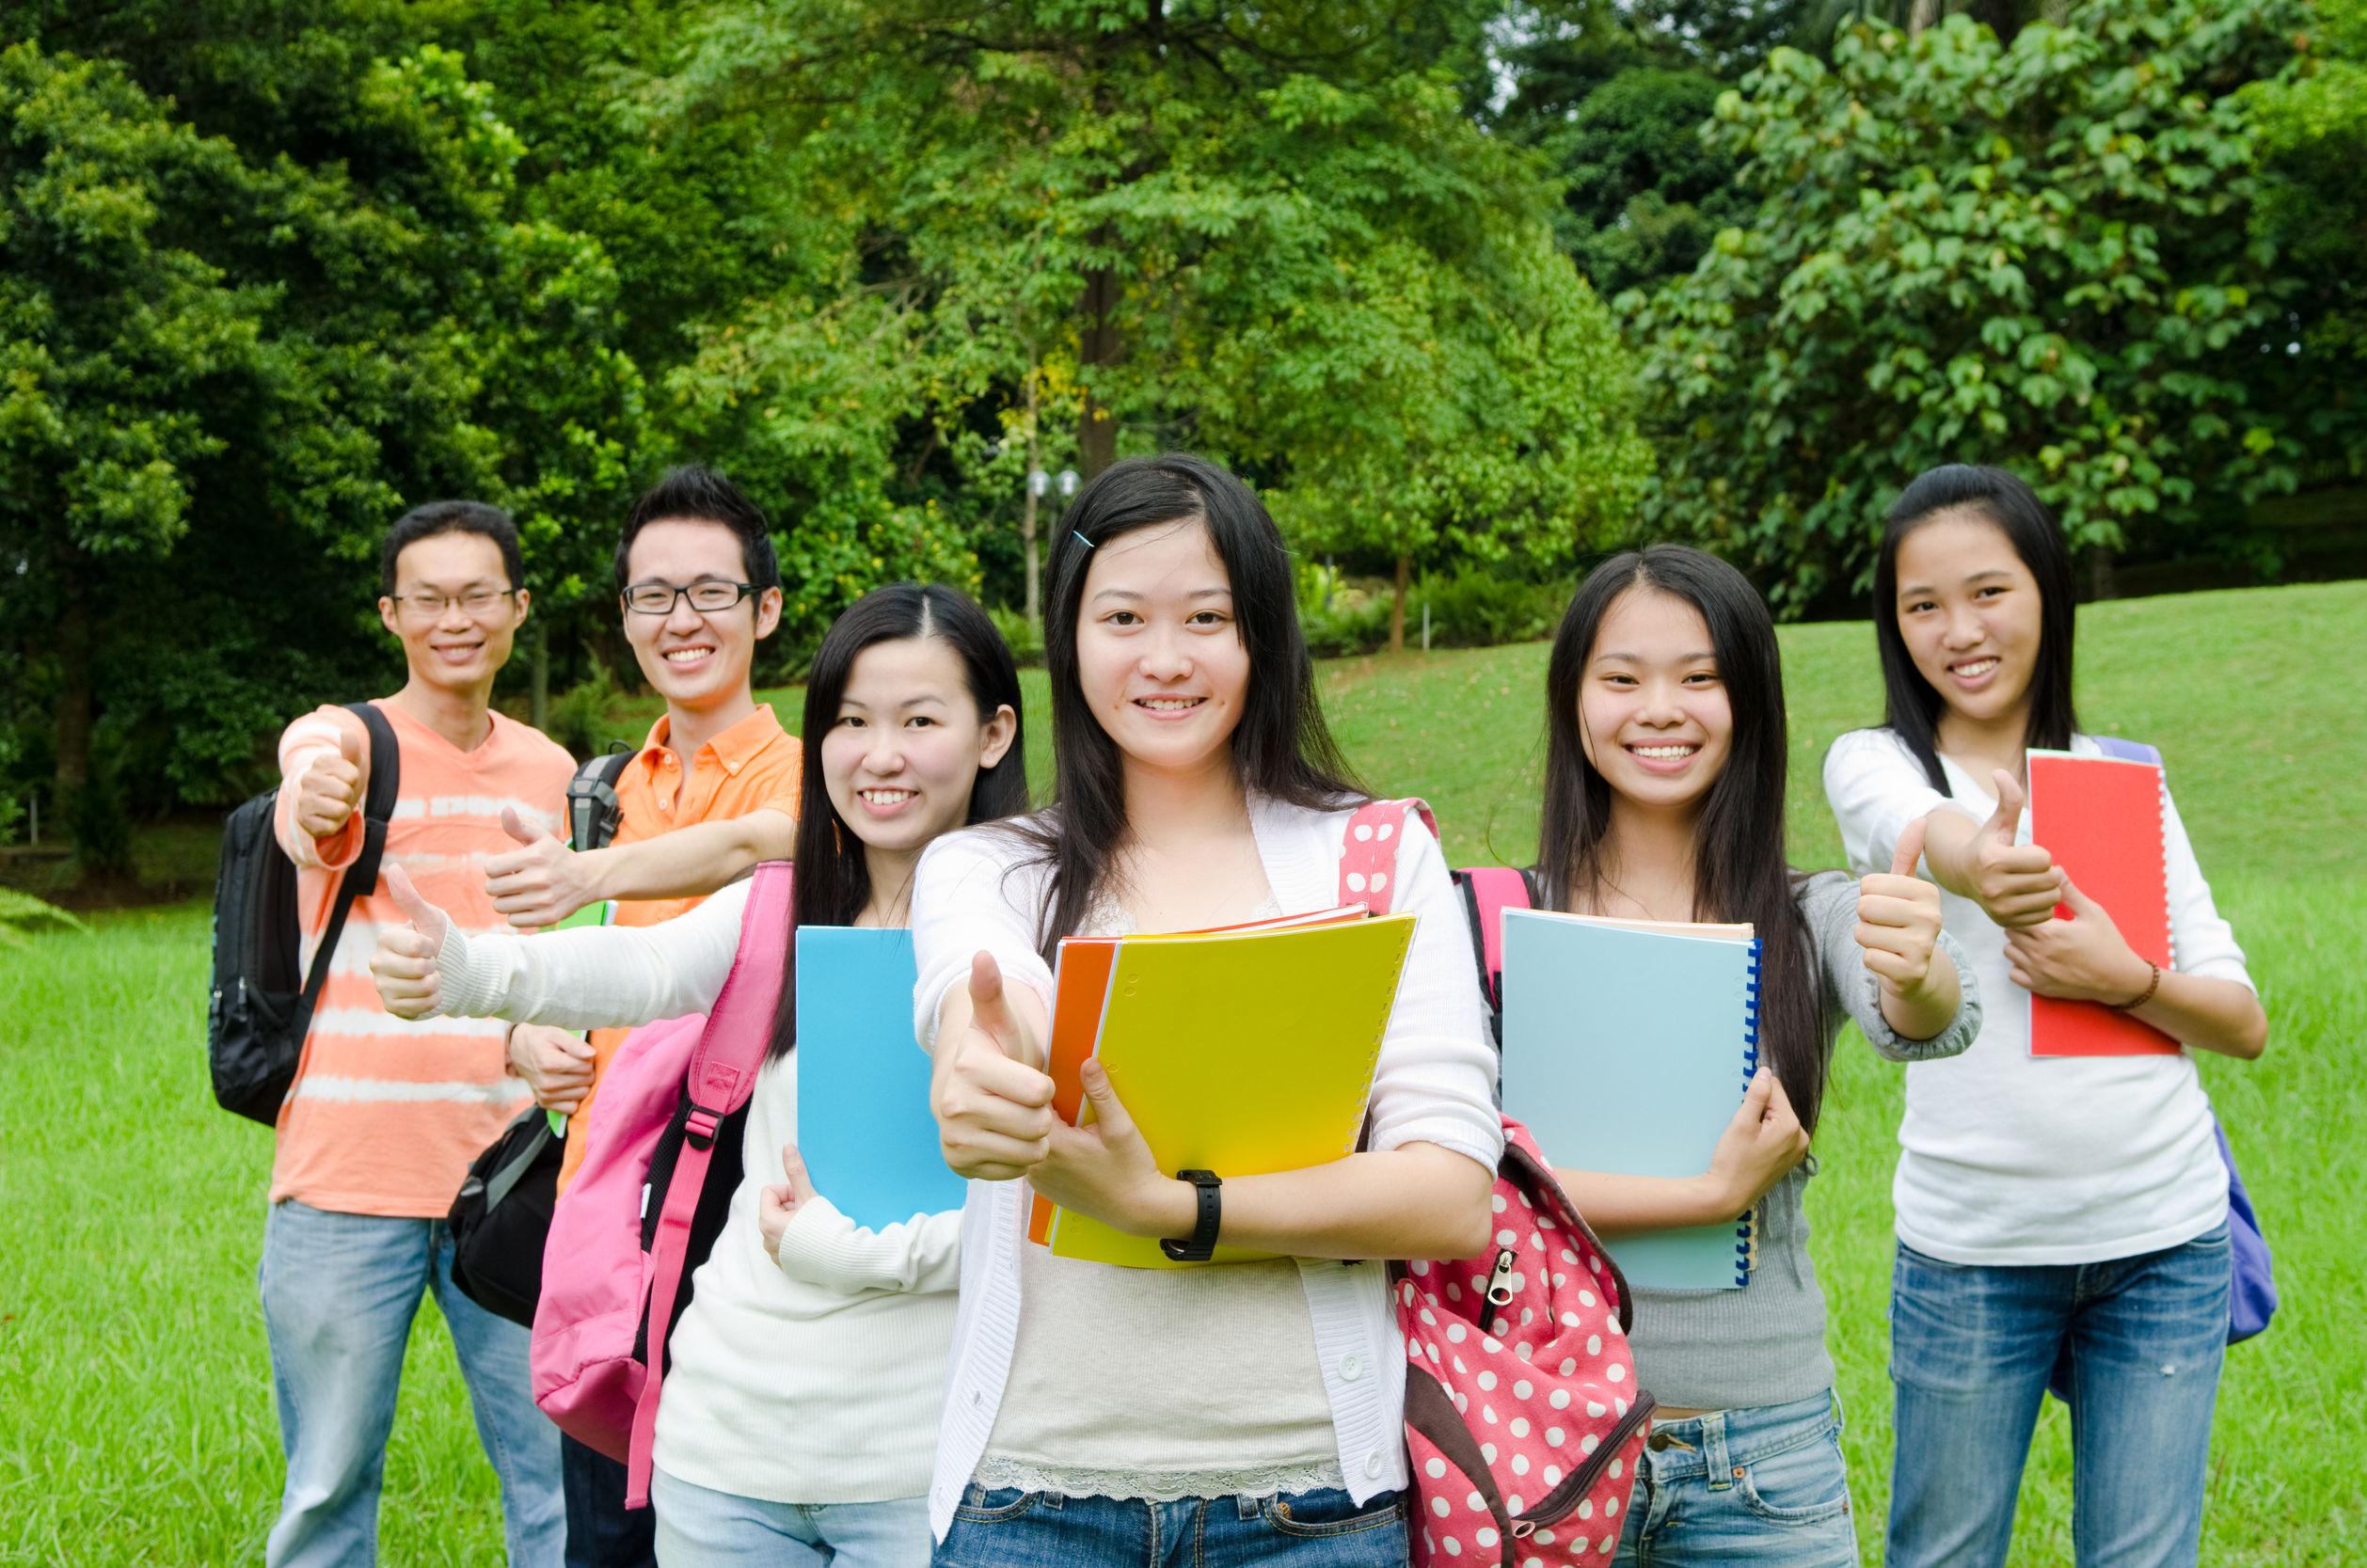 美国高中留学申请的硬性条件:这三个考试必须参加!